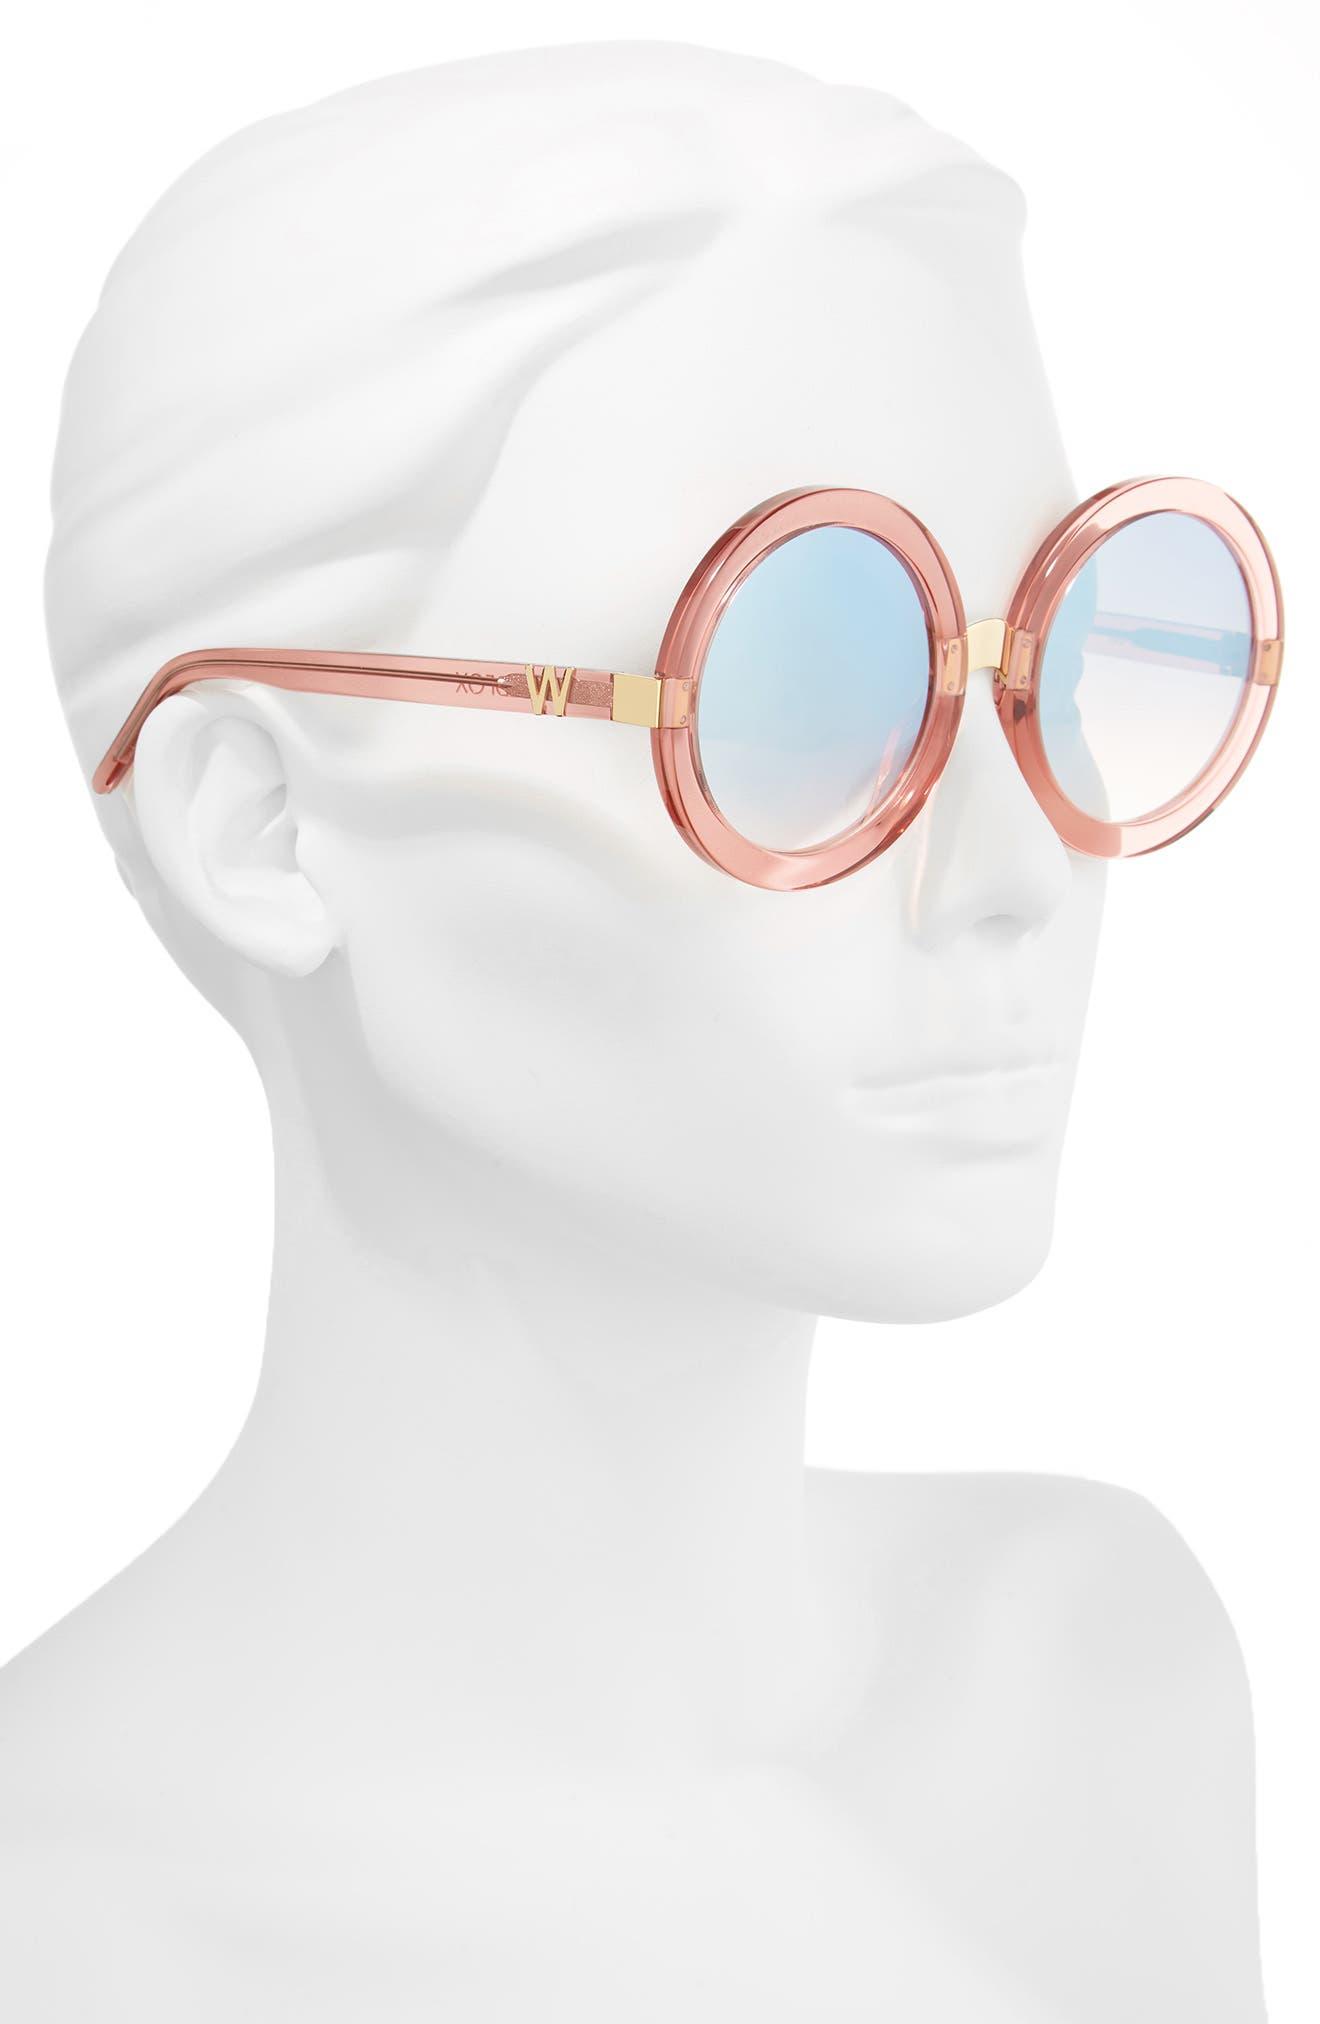 'Malibu Deluxe' 55mm Retro Sunglasses,                             Alternate thumbnail 2, color,                             690